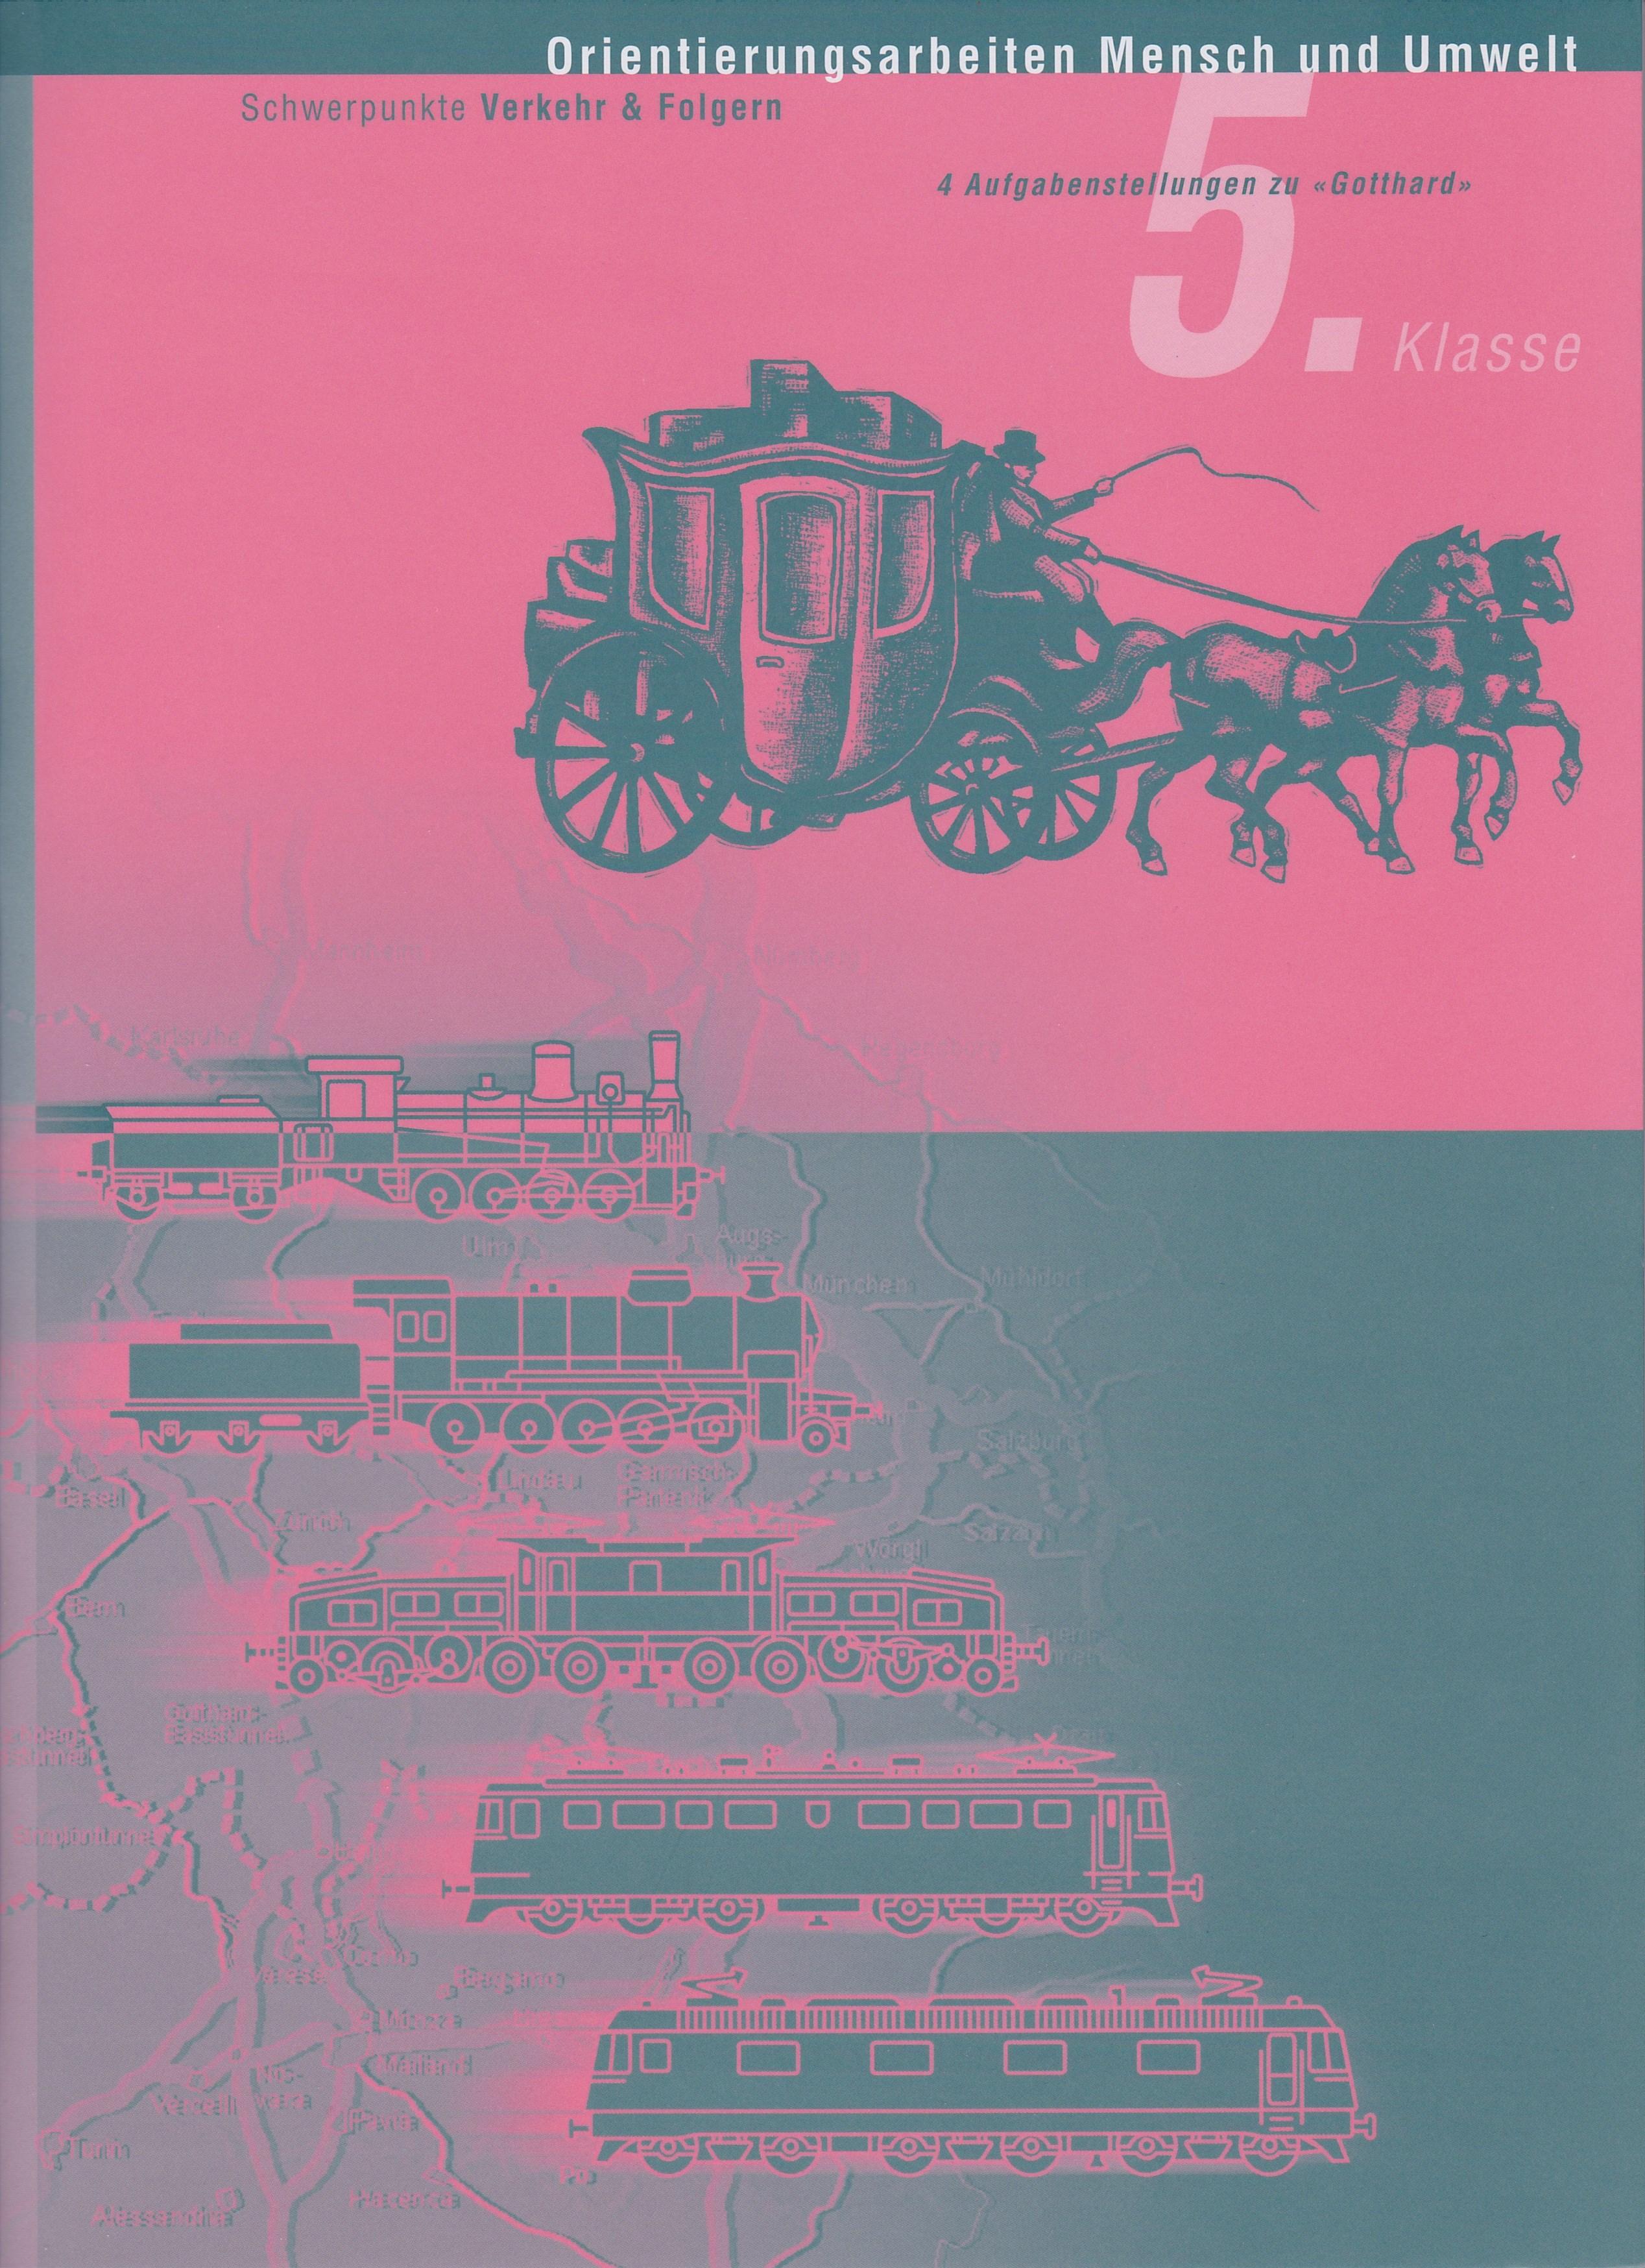 Preview image for LOM object Orientierungsarbeit Mensch und Umwelt 5: Gotthard